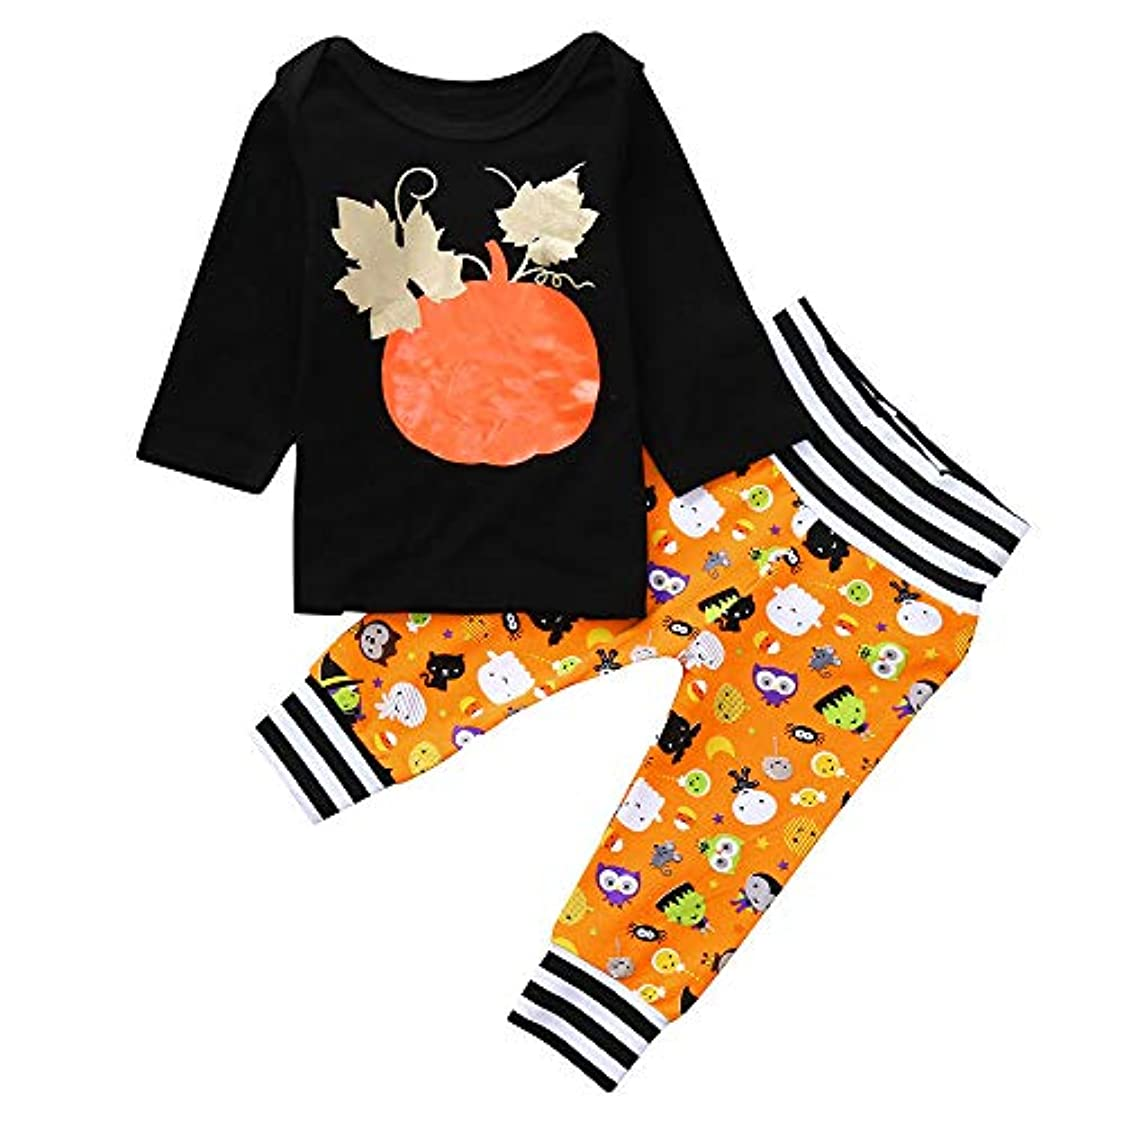 そんなにけがをするリッチハロウィン 衣装 子供 Huliyun ハロウィンコスプレ かわいい キッズ 仮装 こども 子供 コスチューム 男の子 女の子 仮装 2セット長袖 Halloween コスプレ衣装 パーティー 撮影記念